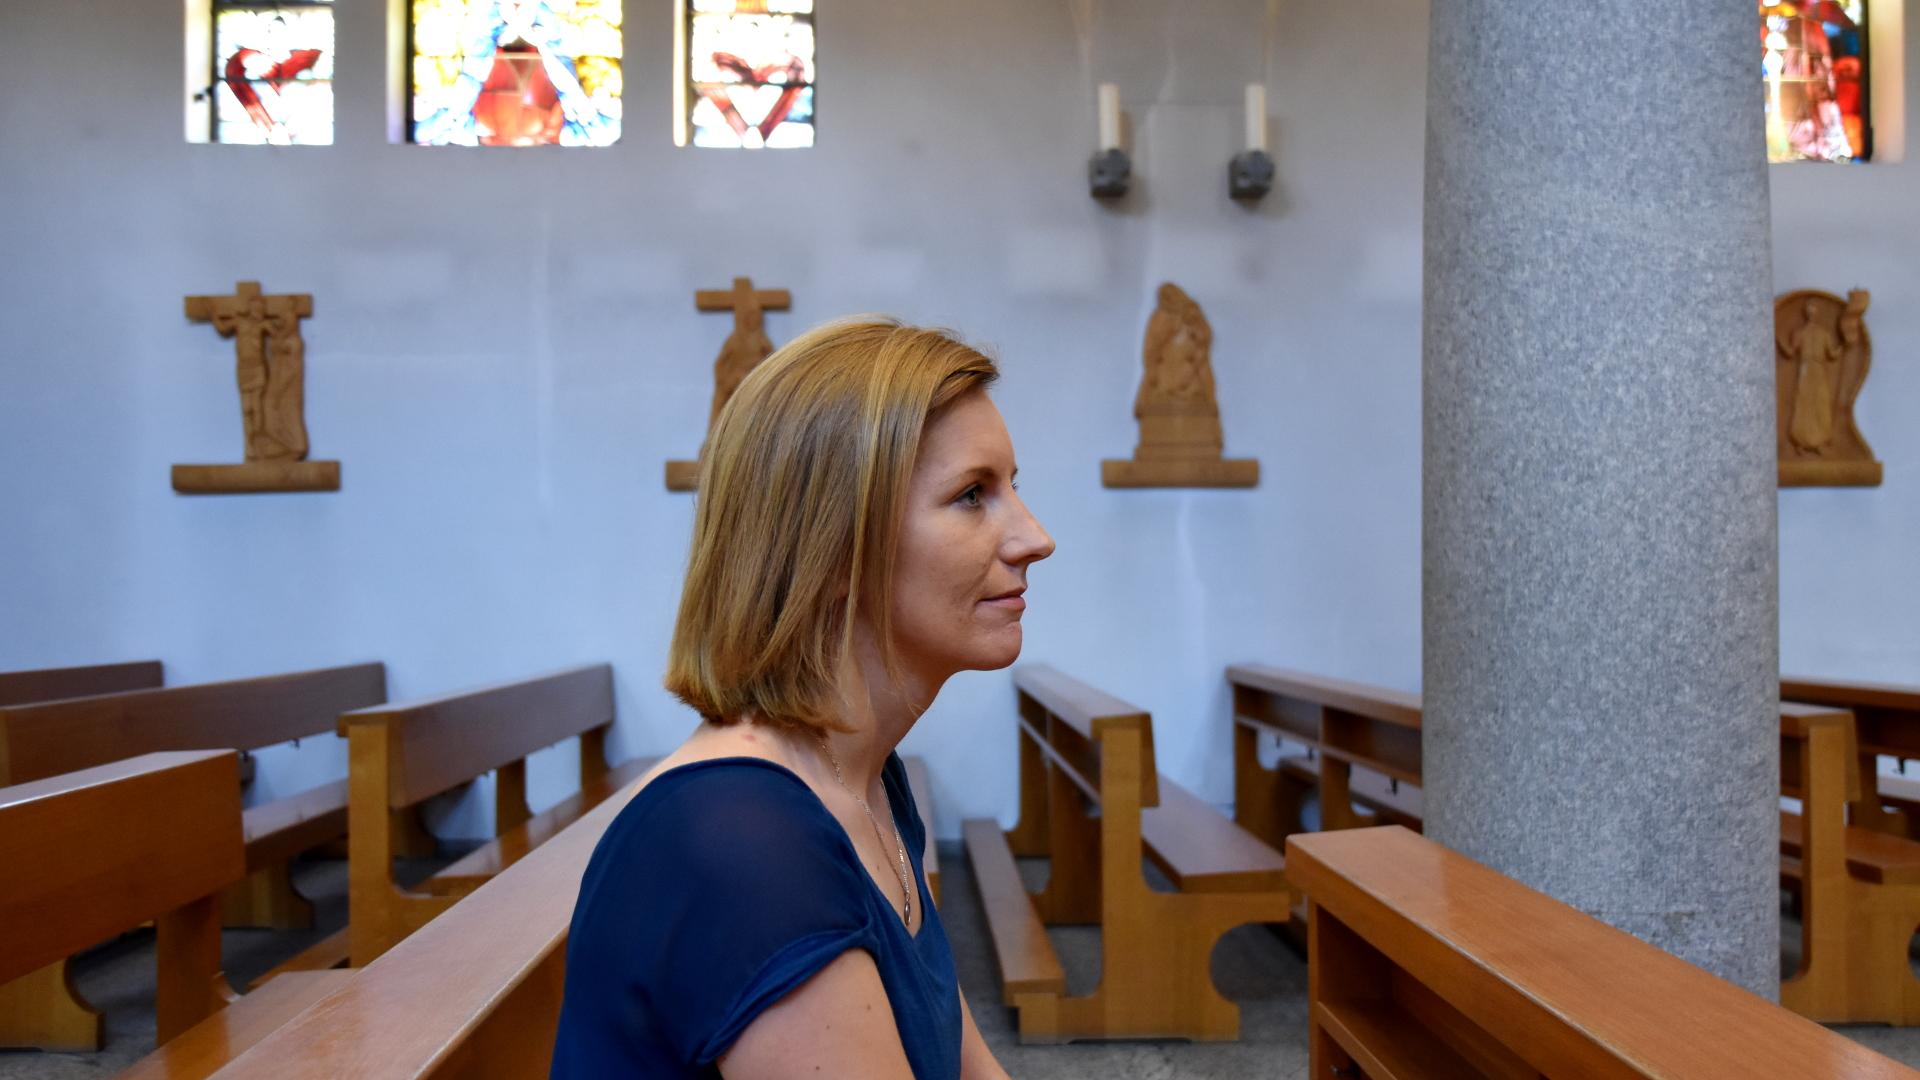 Agnieszka Rychlewska bezeichnet sich als sehr religiös: